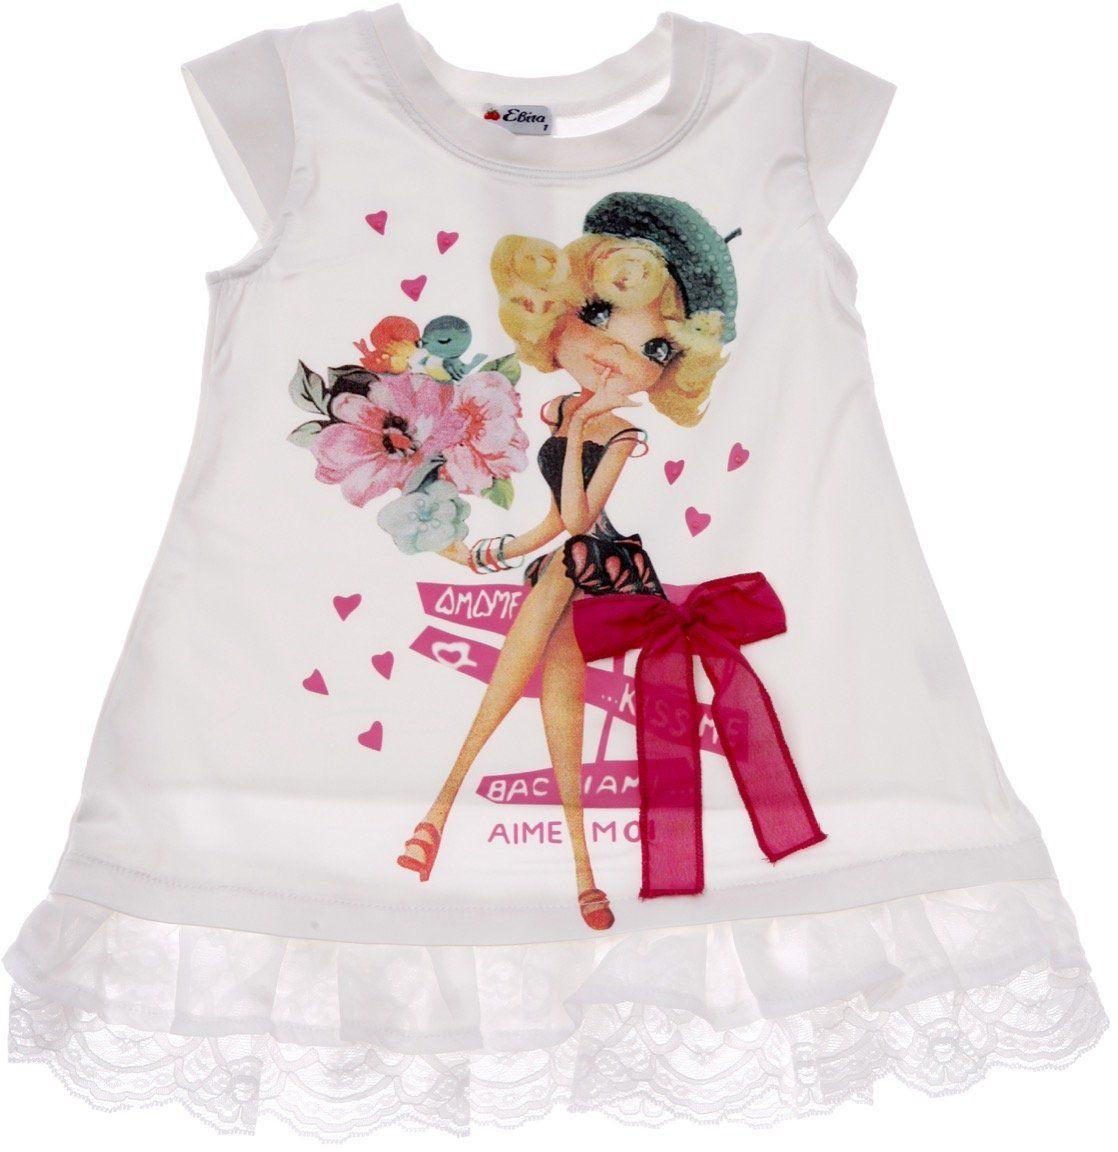 Εβίτα παιδικό φόρεμα «Kiss Me» - Παιδικά ρούχα AZshop.gr